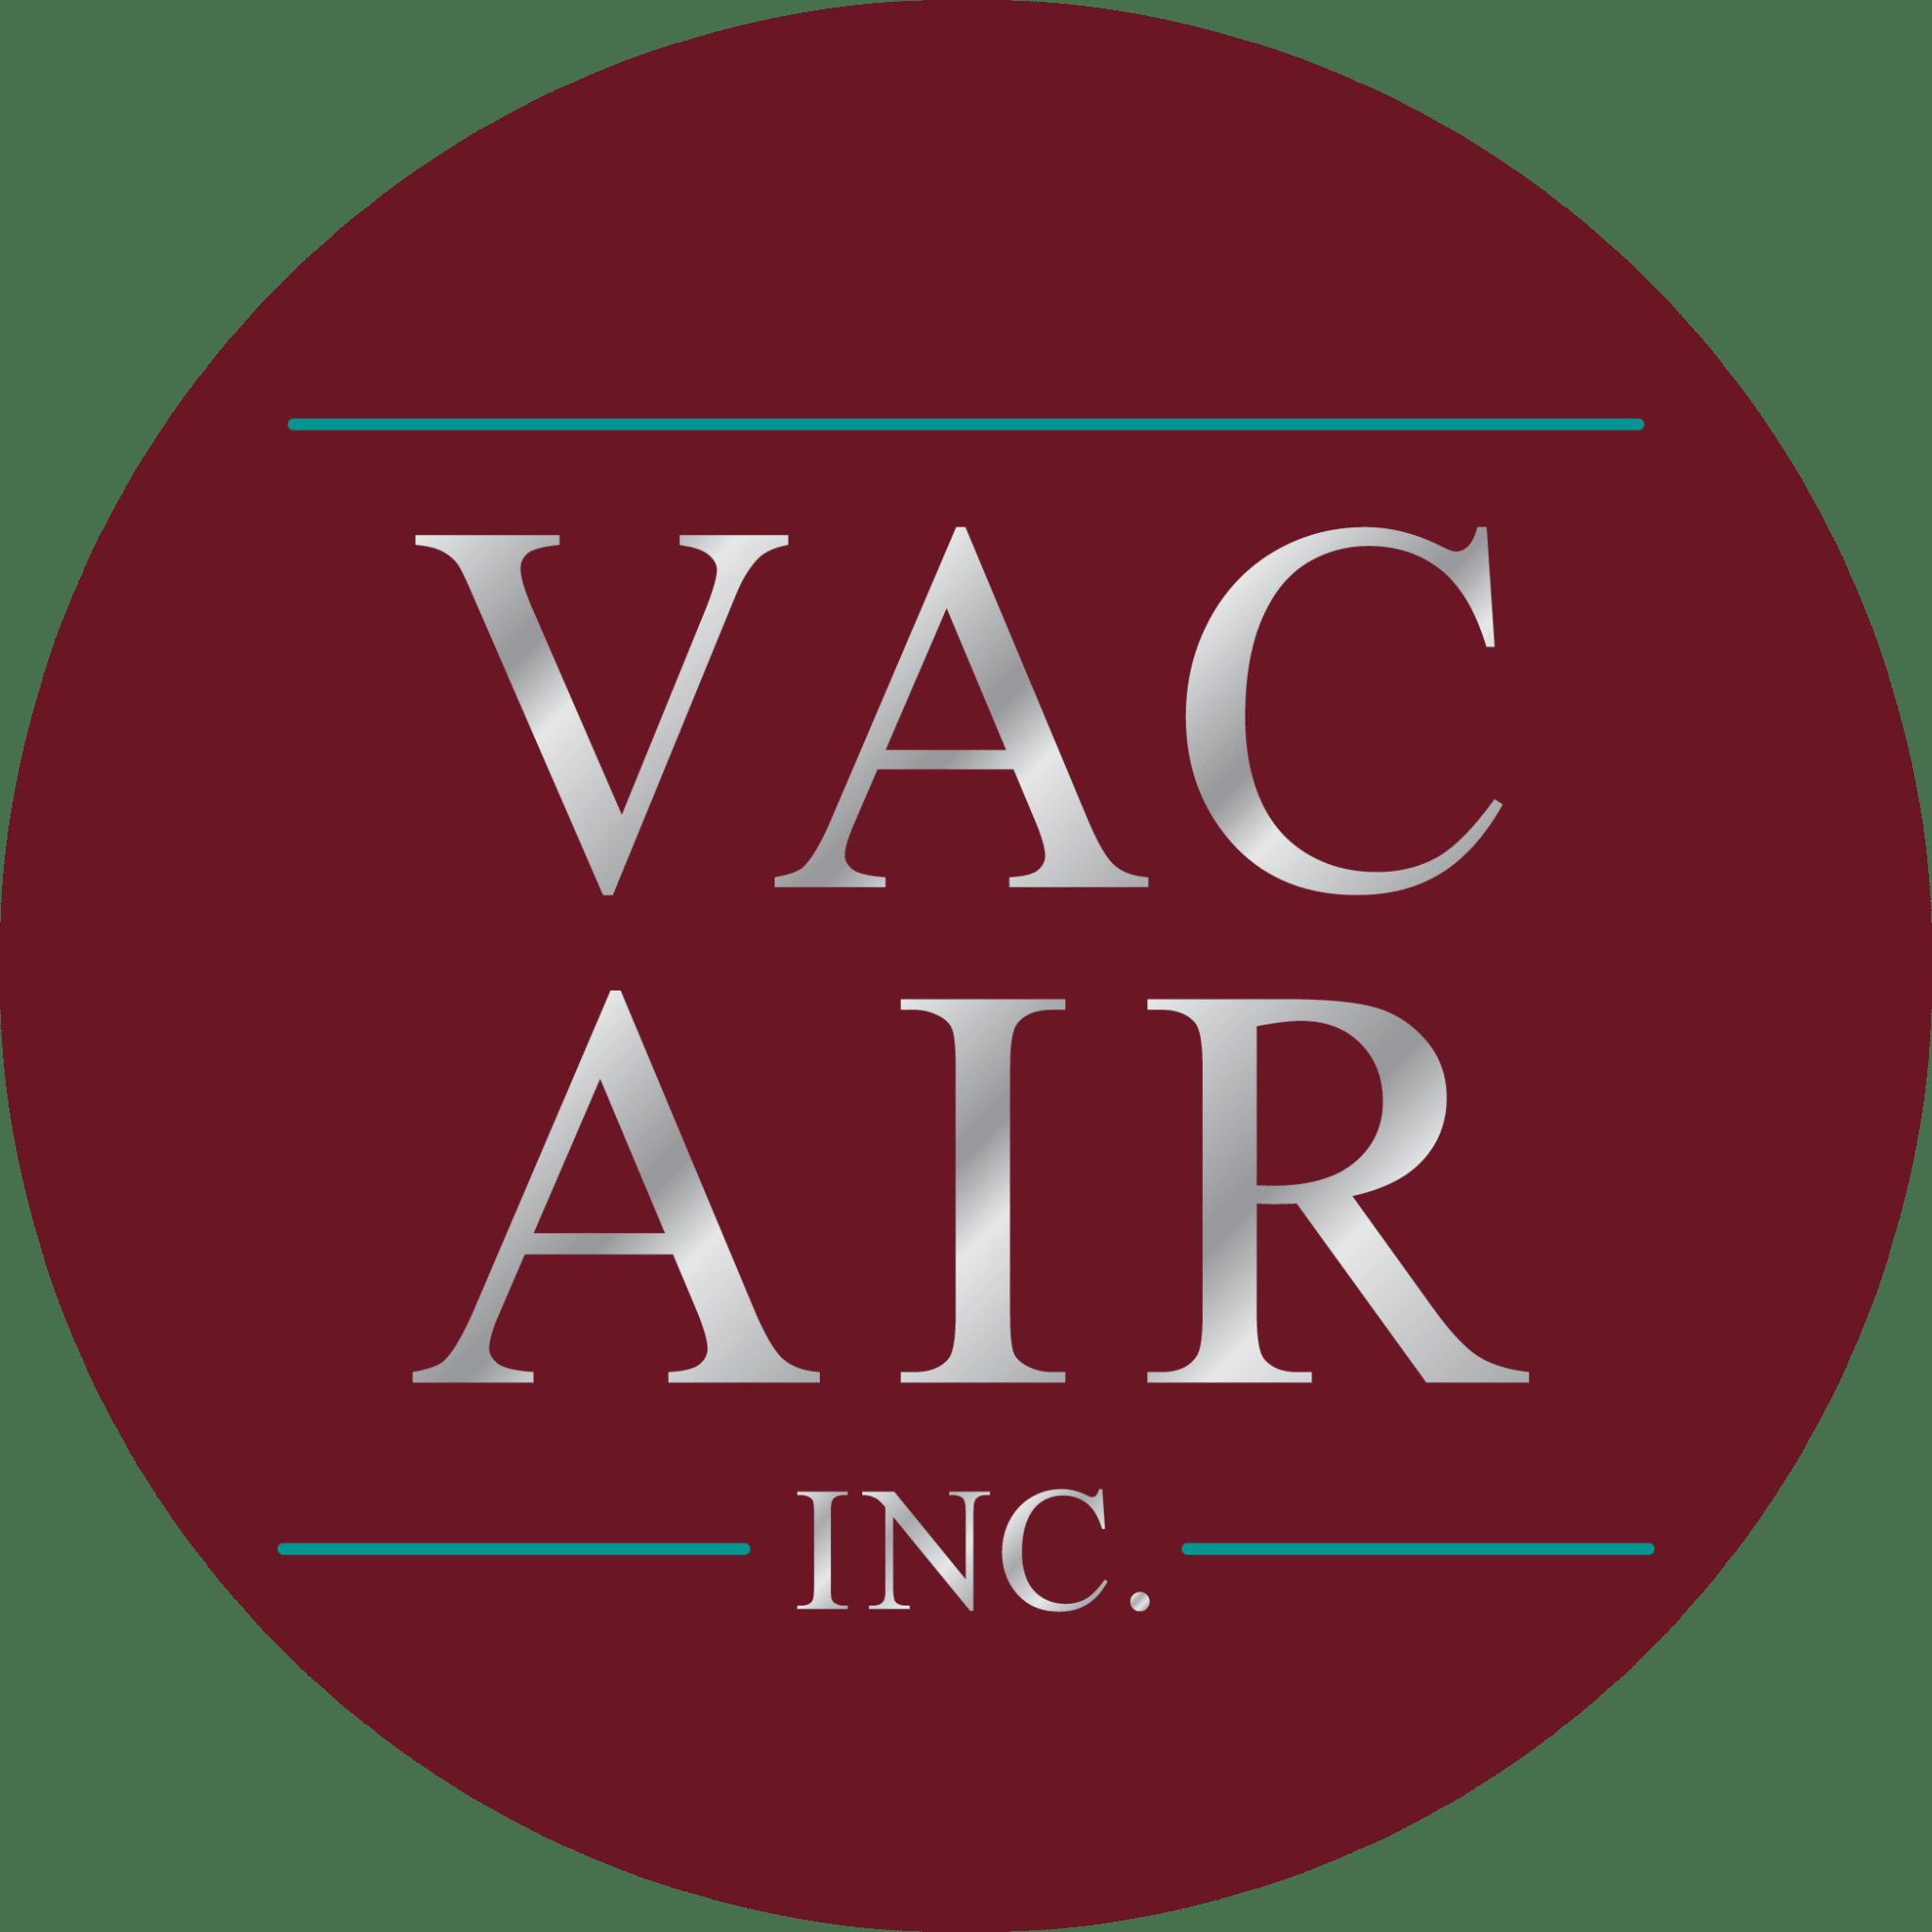 VAC AIR, Inc.